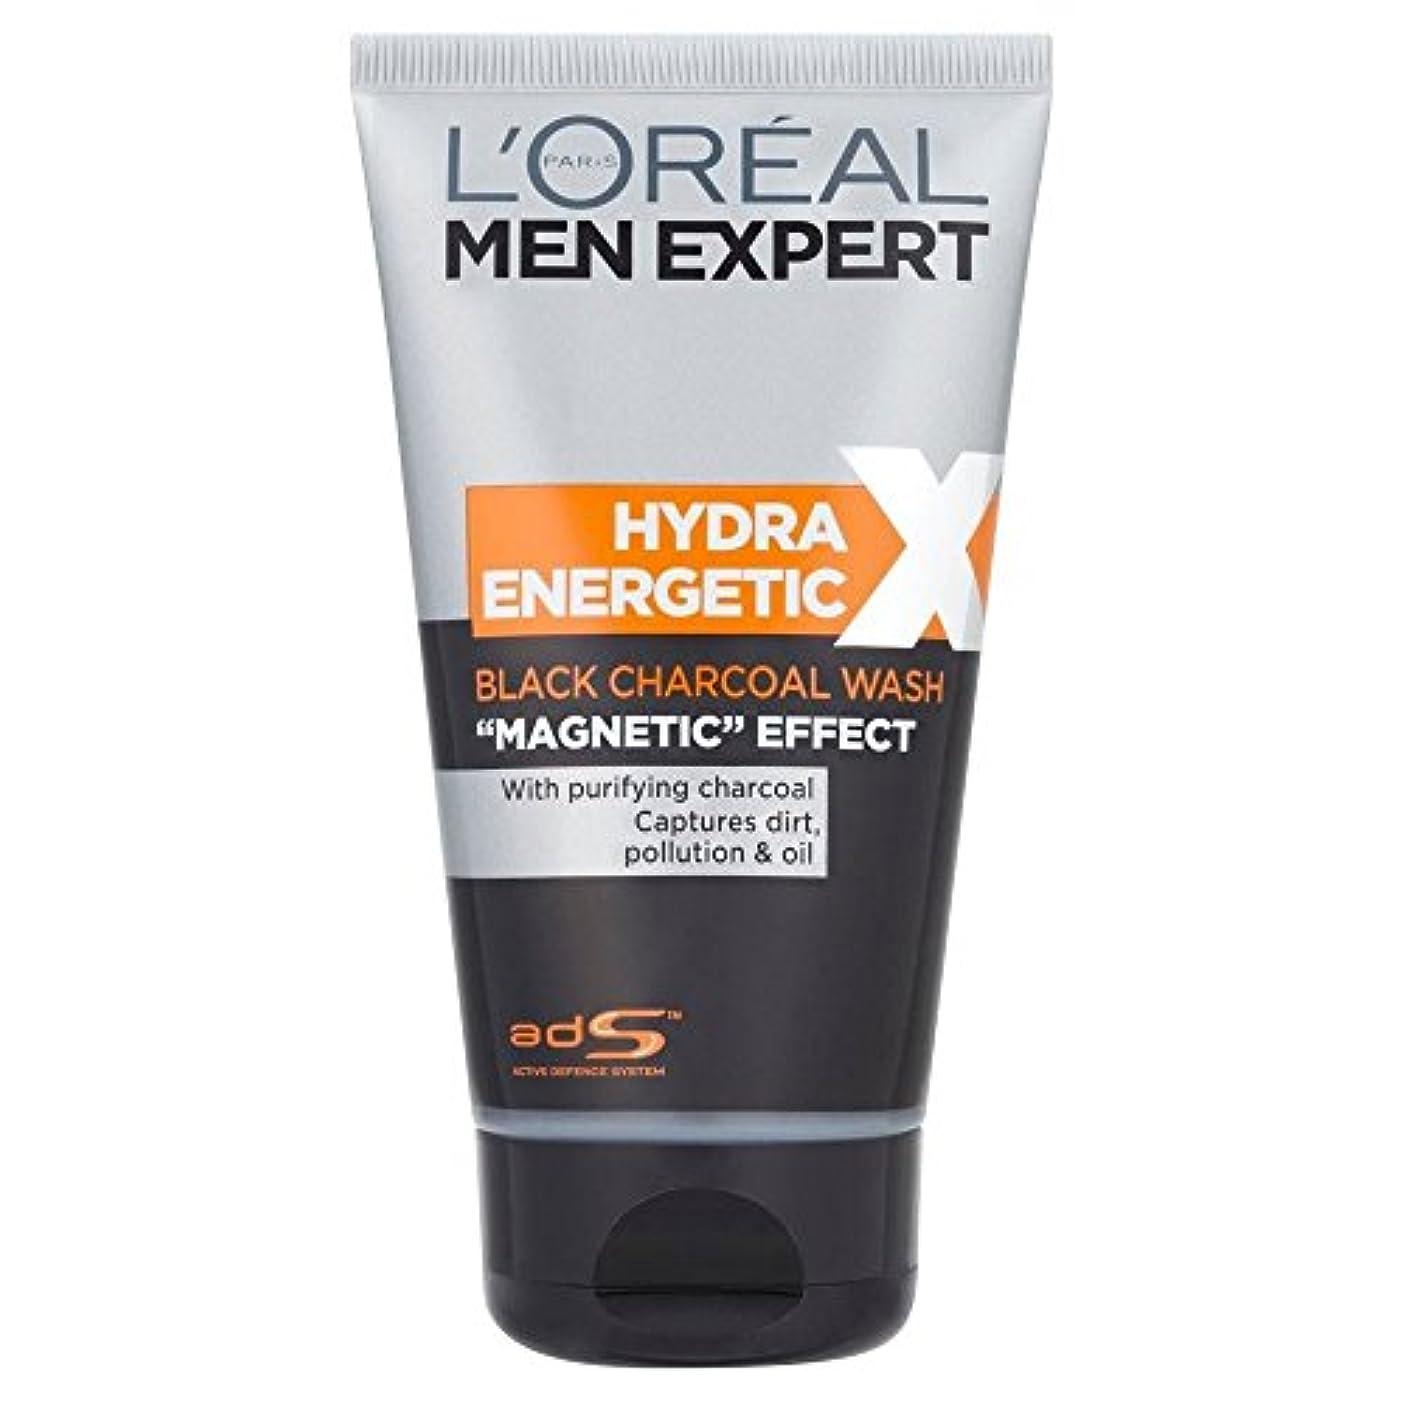 出会いとまり木ベイビーL'Oreal Paris Men Expert Hydra Energetic Daily Purifying Wash (150ml) L'オラ?アルパリのメンズ専門ヒドラエネルギッシュな毎日の浄化洗浄( 150ミリリットル)